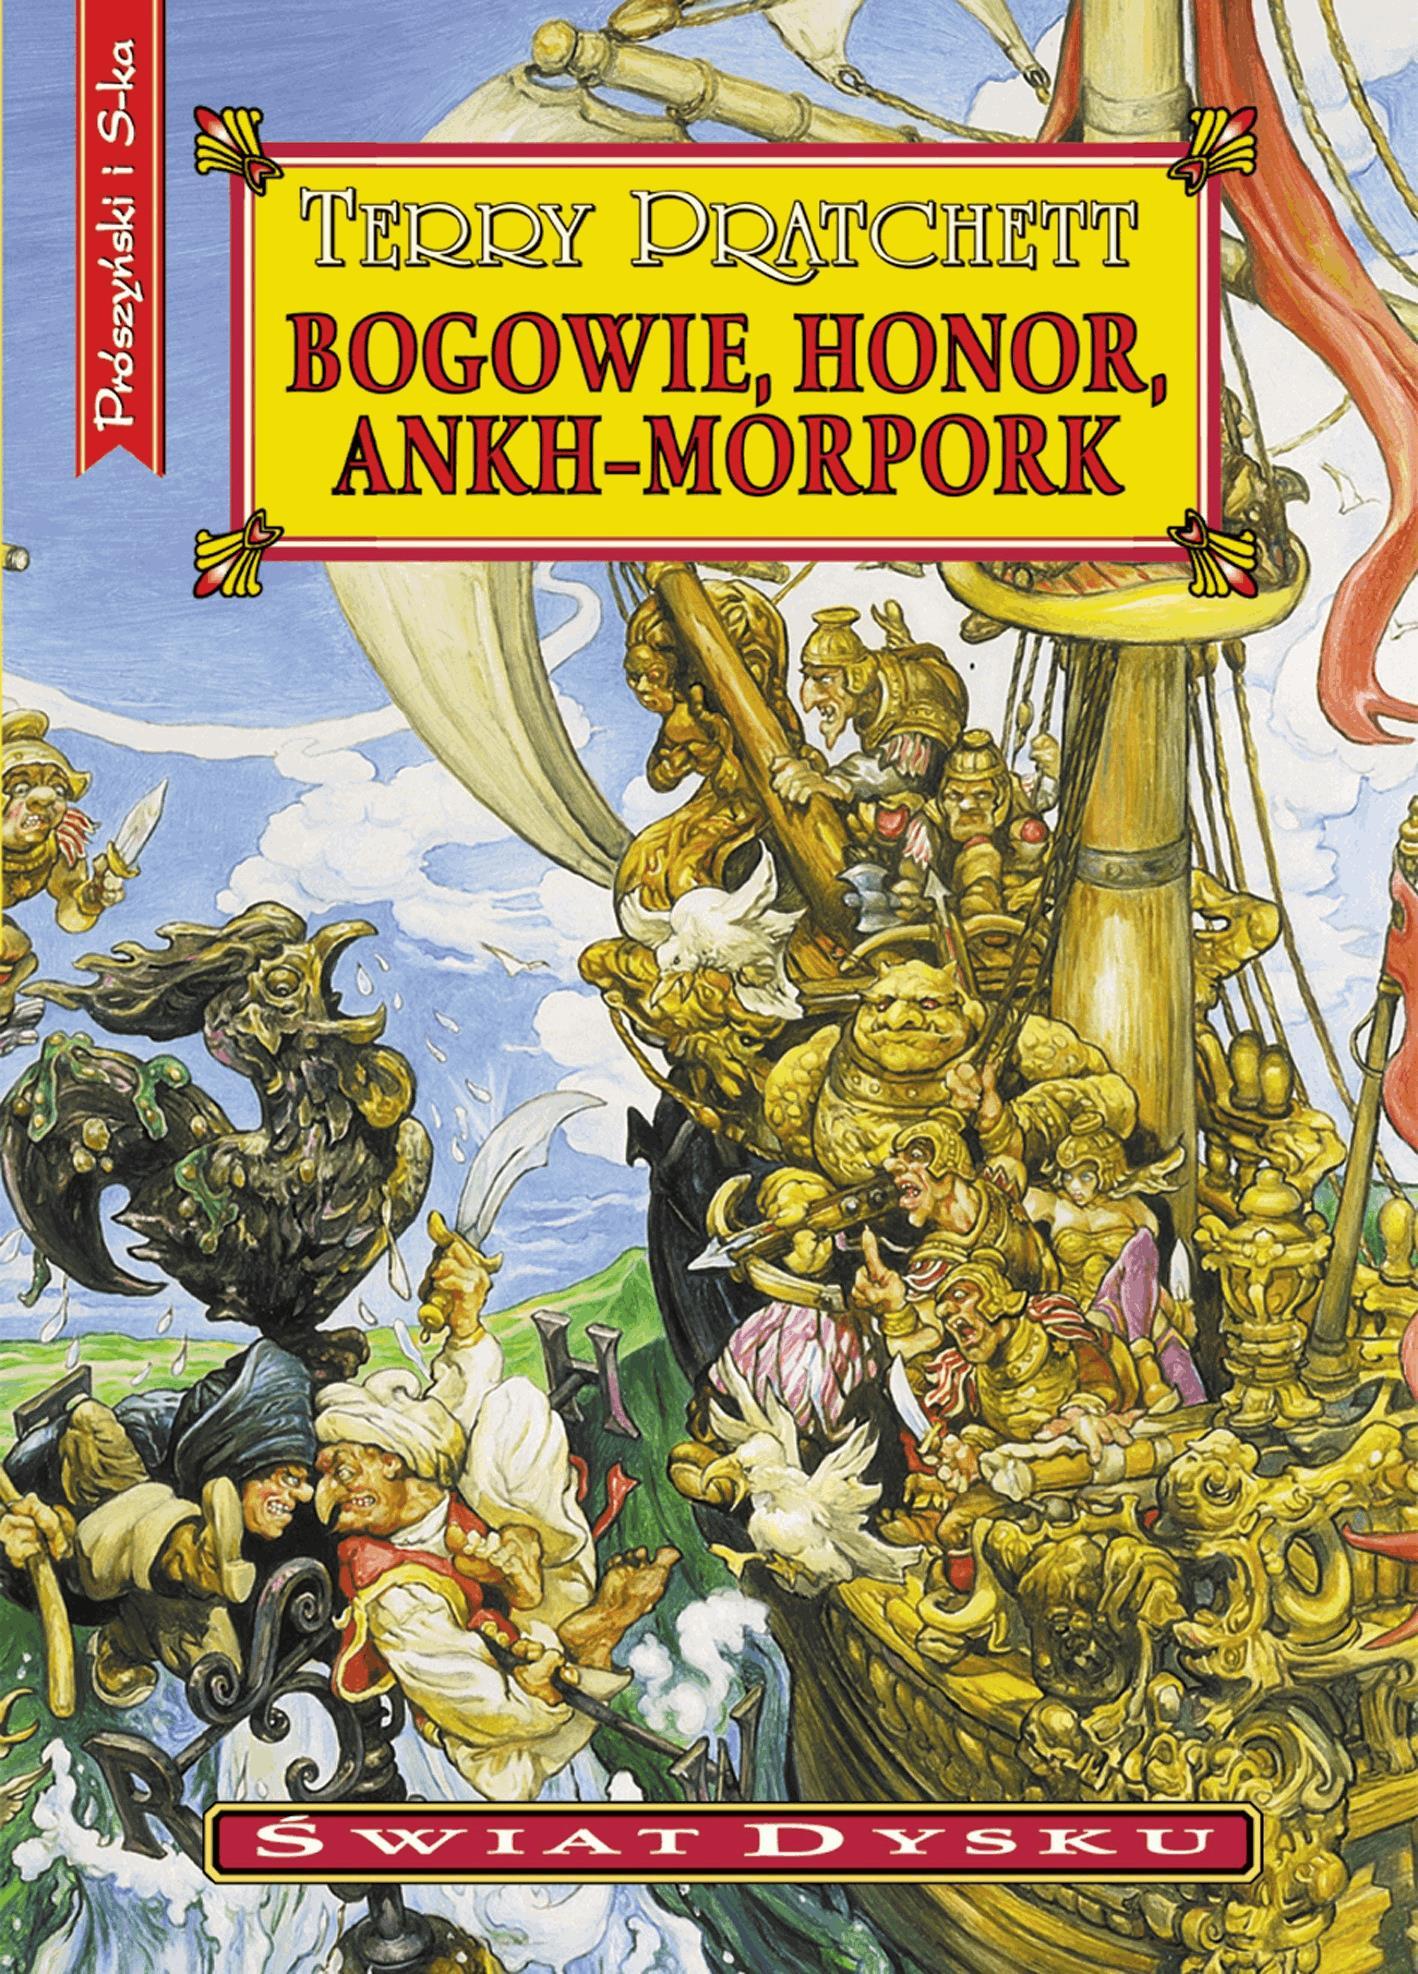 Bogowie,honor,Ankh-Morpork - Tylko w Legimi możesz przeczytać ten tytuł przez 7 dni za darmo. - Terry Pratchett